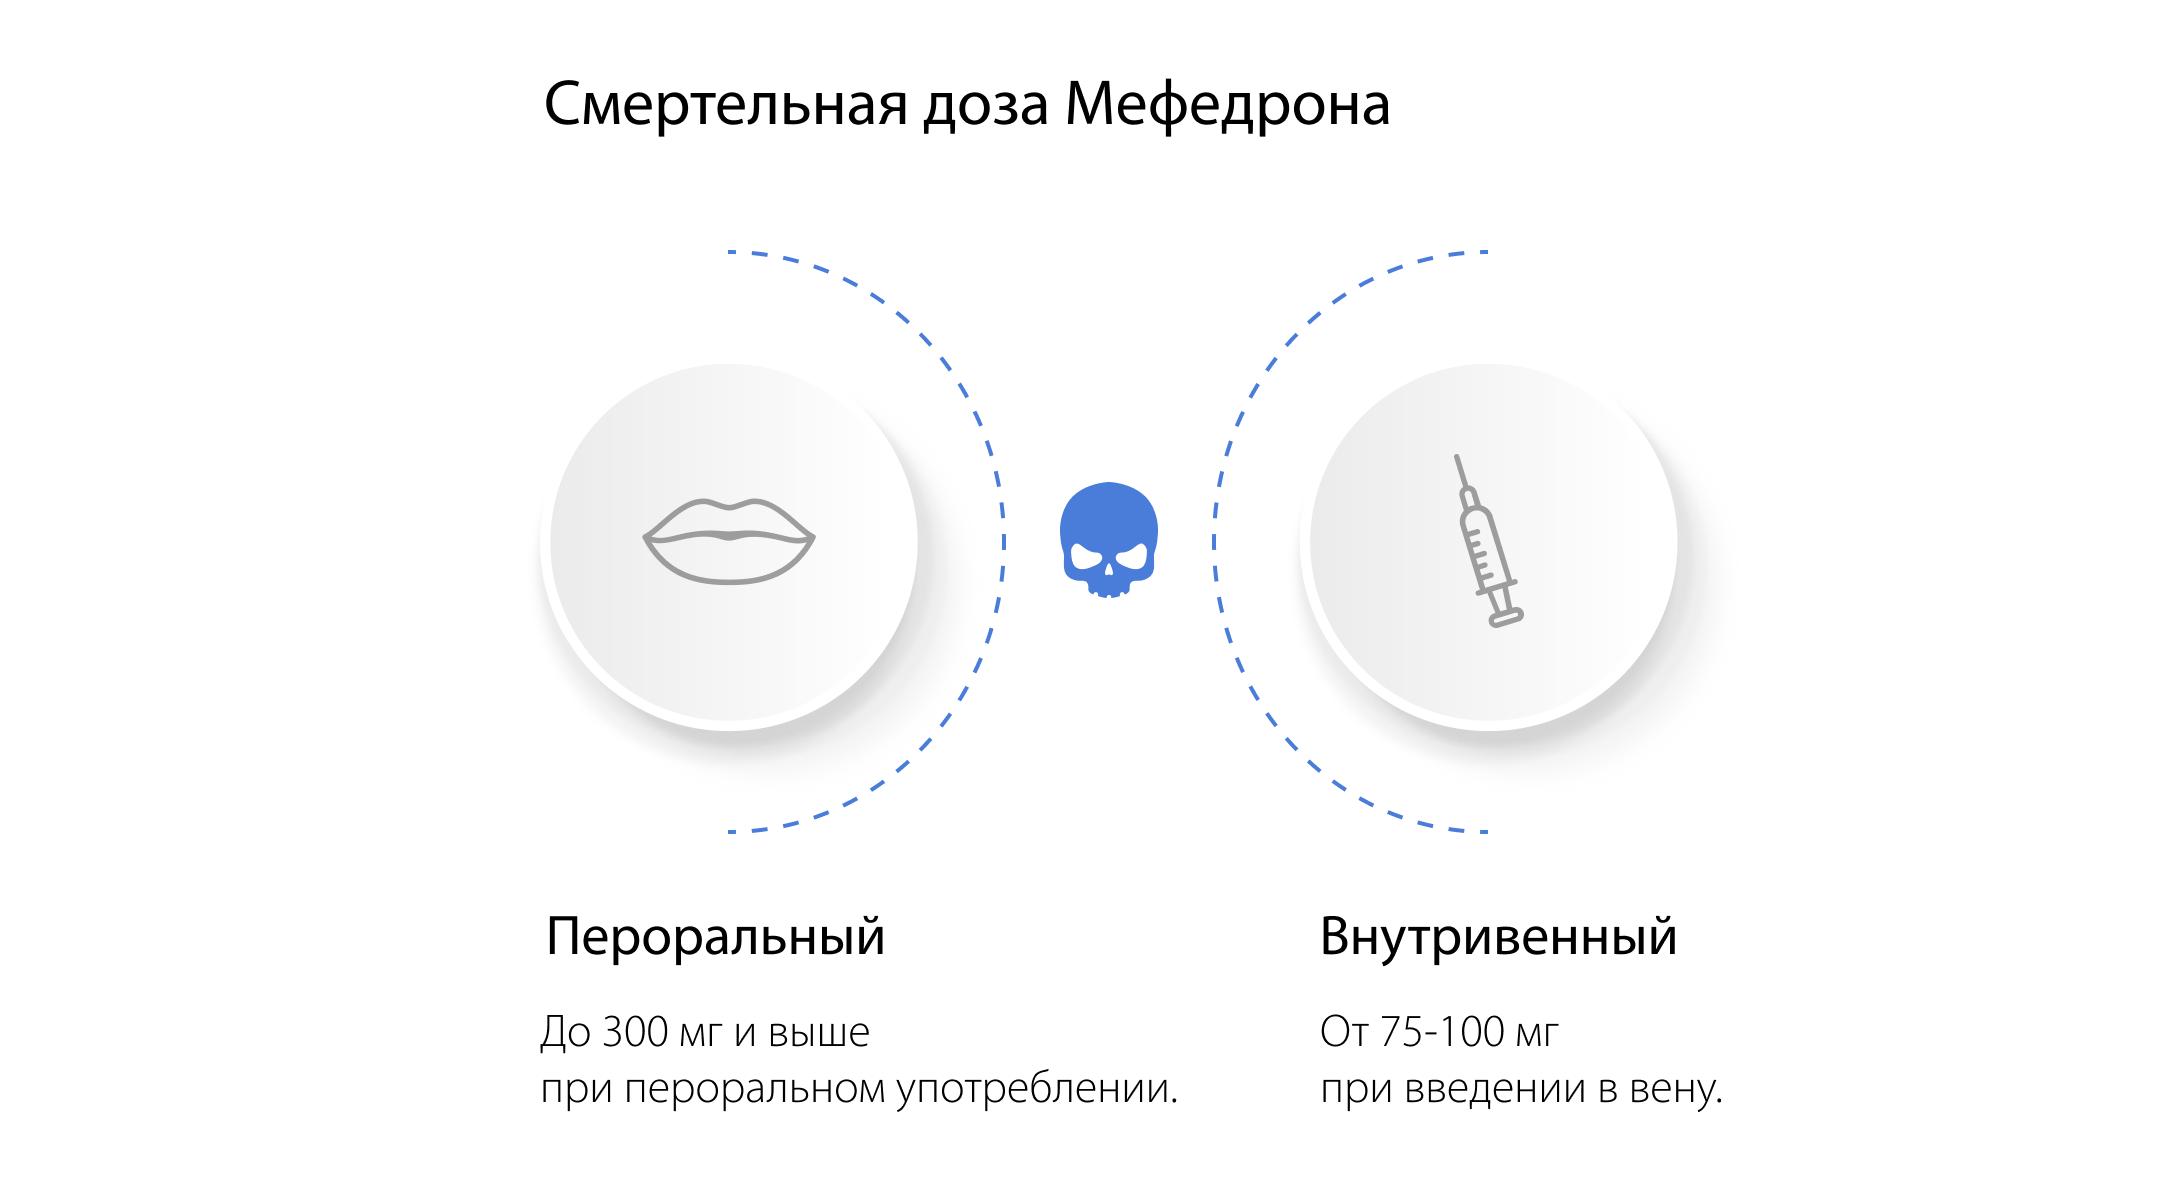 Смертельная дозировка мефедрона